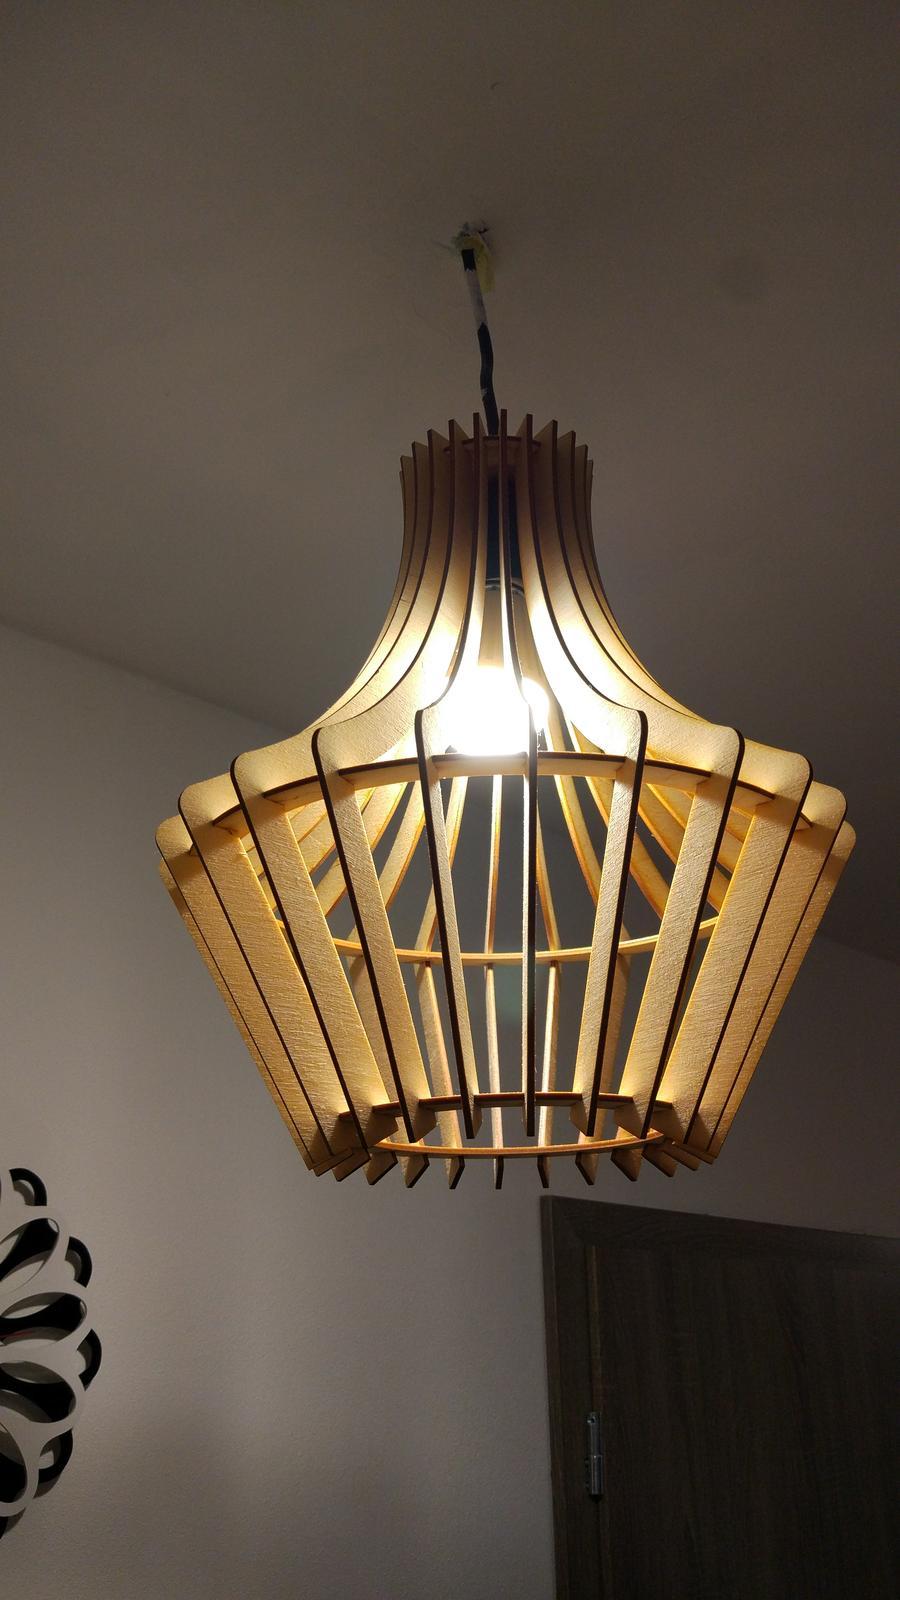 prva lampa namontovana - Obrázok č. 1